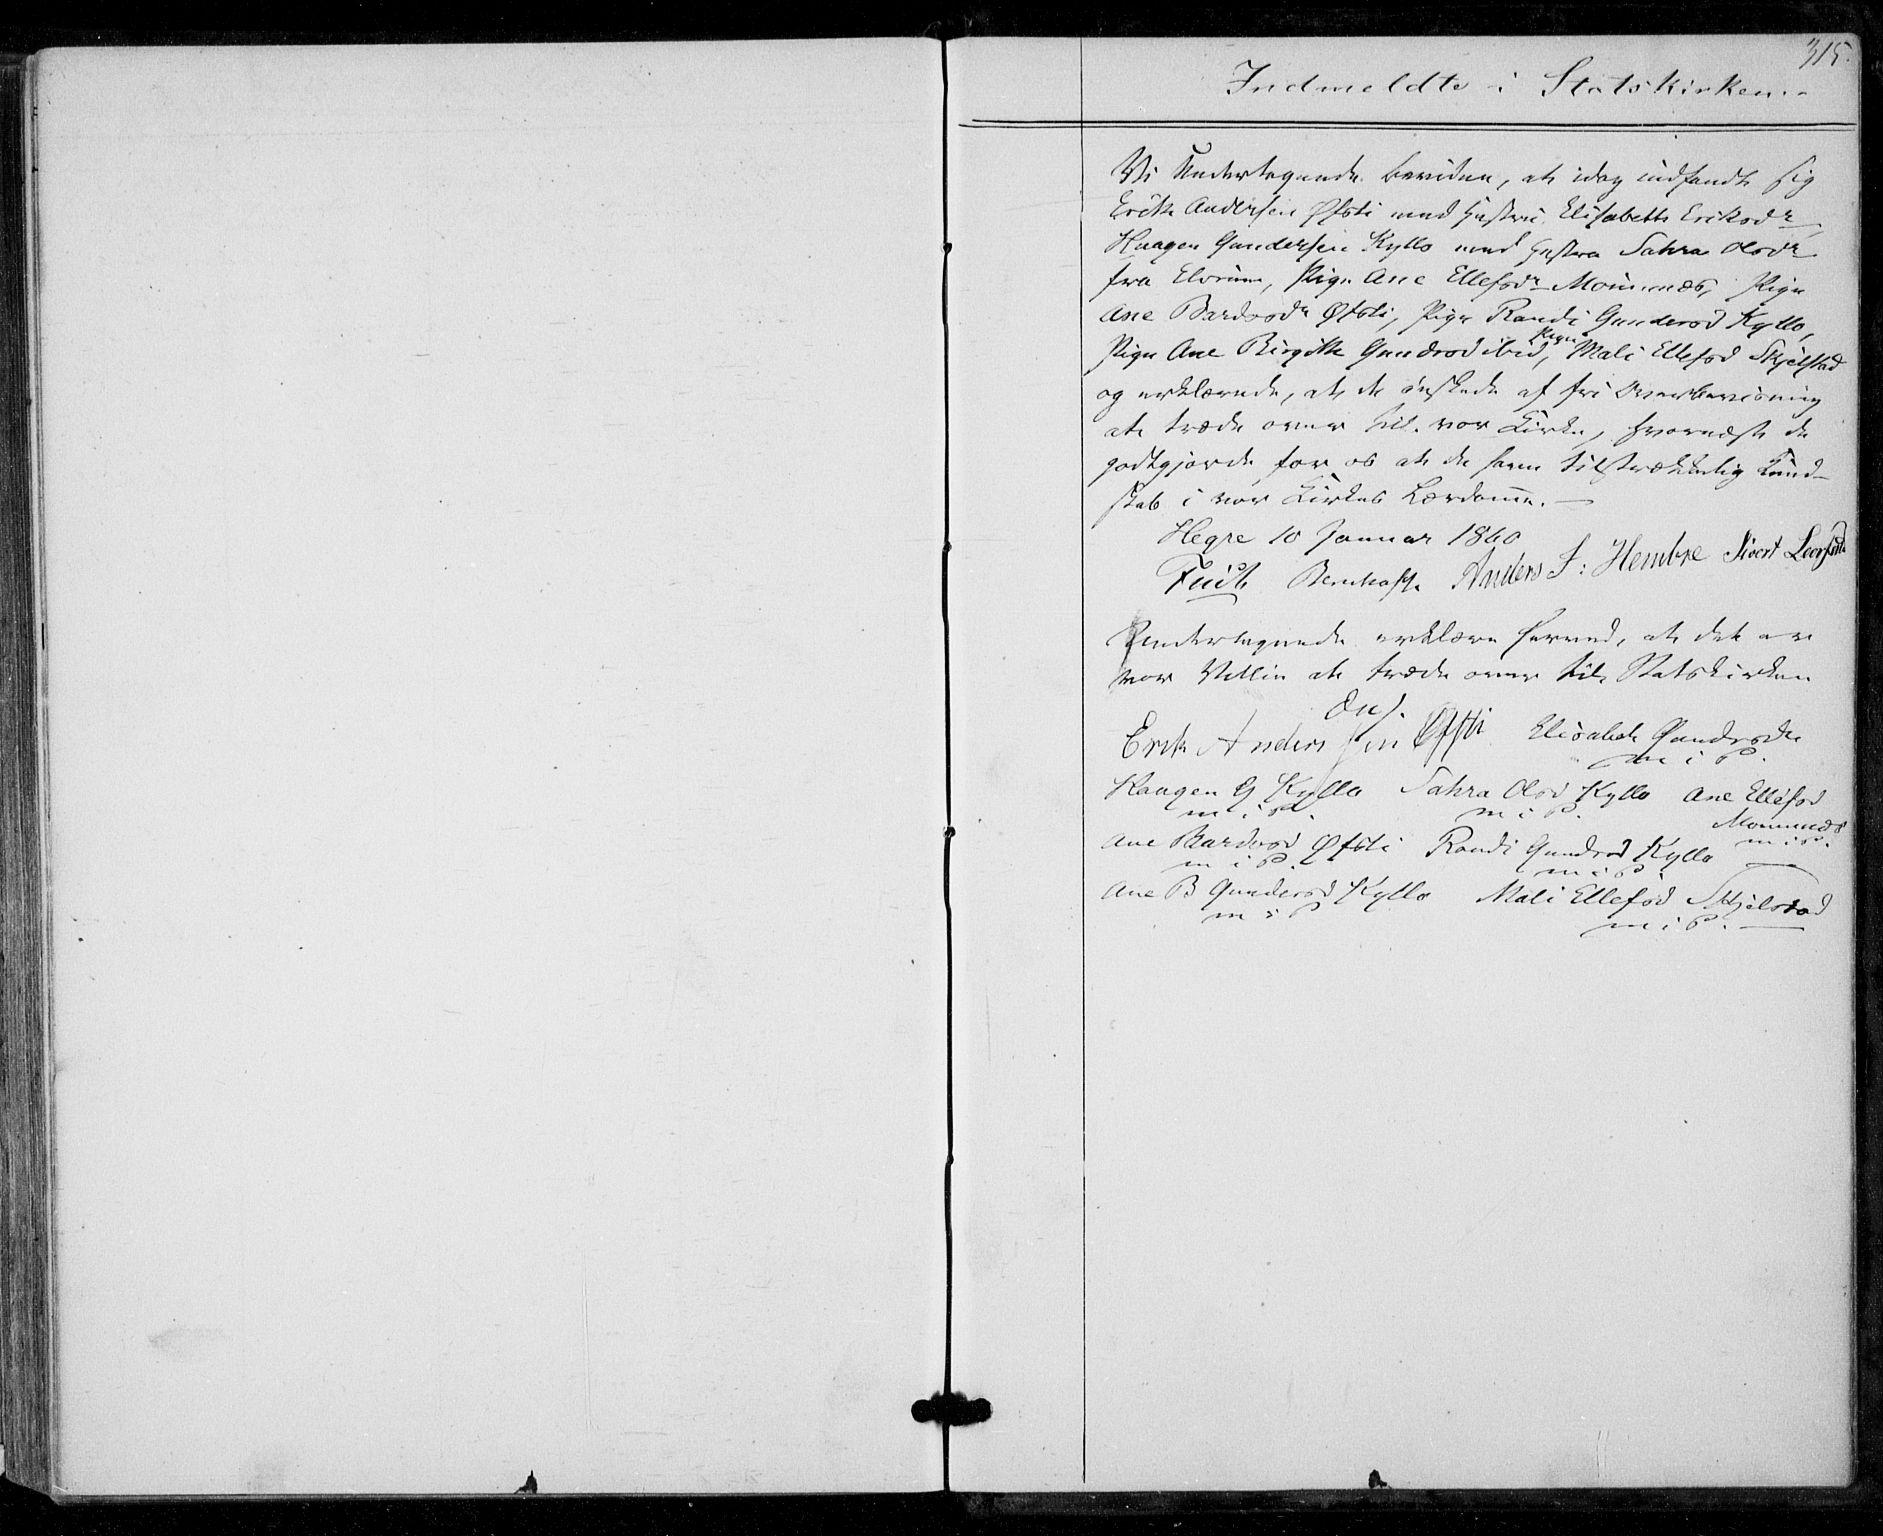 SAT, Ministerialprotokoller, klokkerbøker og fødselsregistre - Nord-Trøndelag, 703/L0028: Parish register (official) no. 703A01, 1850-1862, p. 315